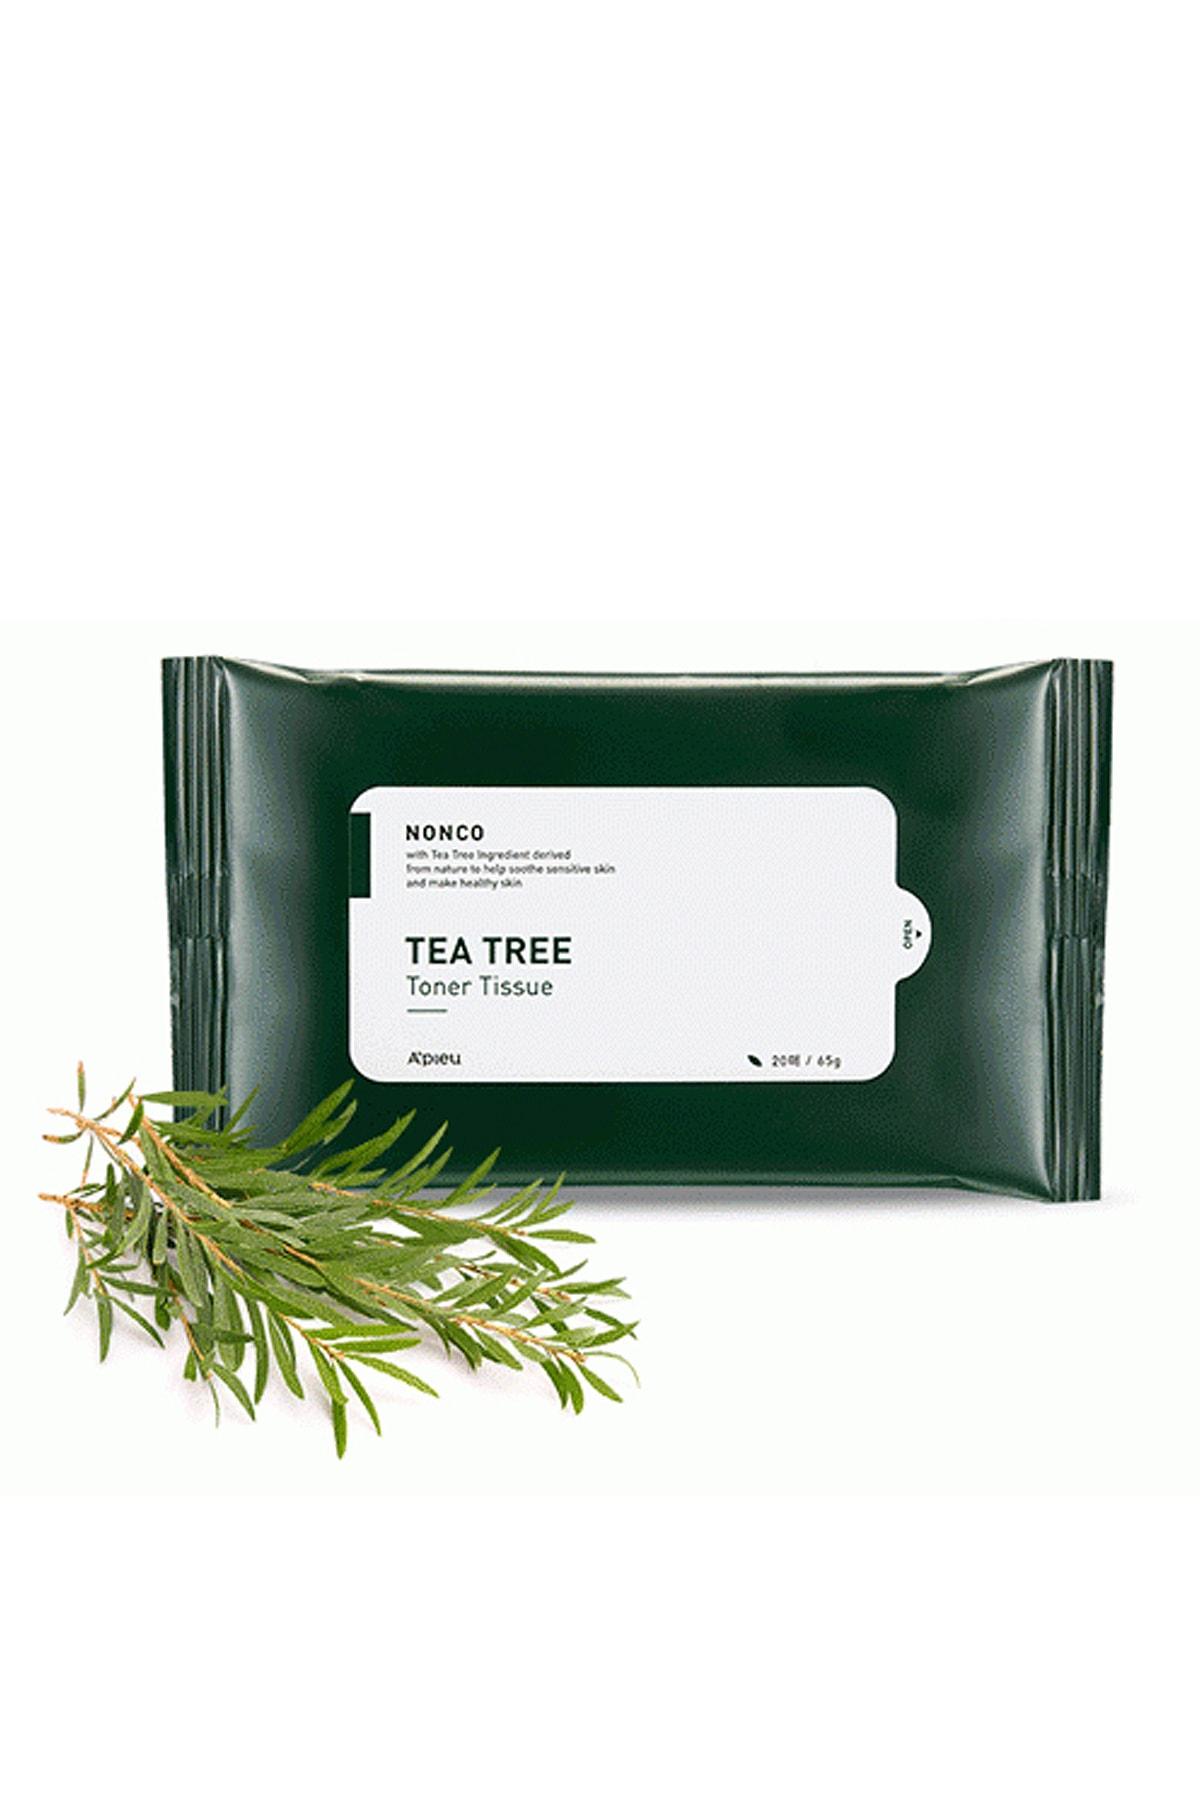 Missha Sivilceli Ciltler İçin Çay Ağacı Yağı İçeren Tonik Mendil (20ad) APIEU Nonco Tea Tree Toner Tissue